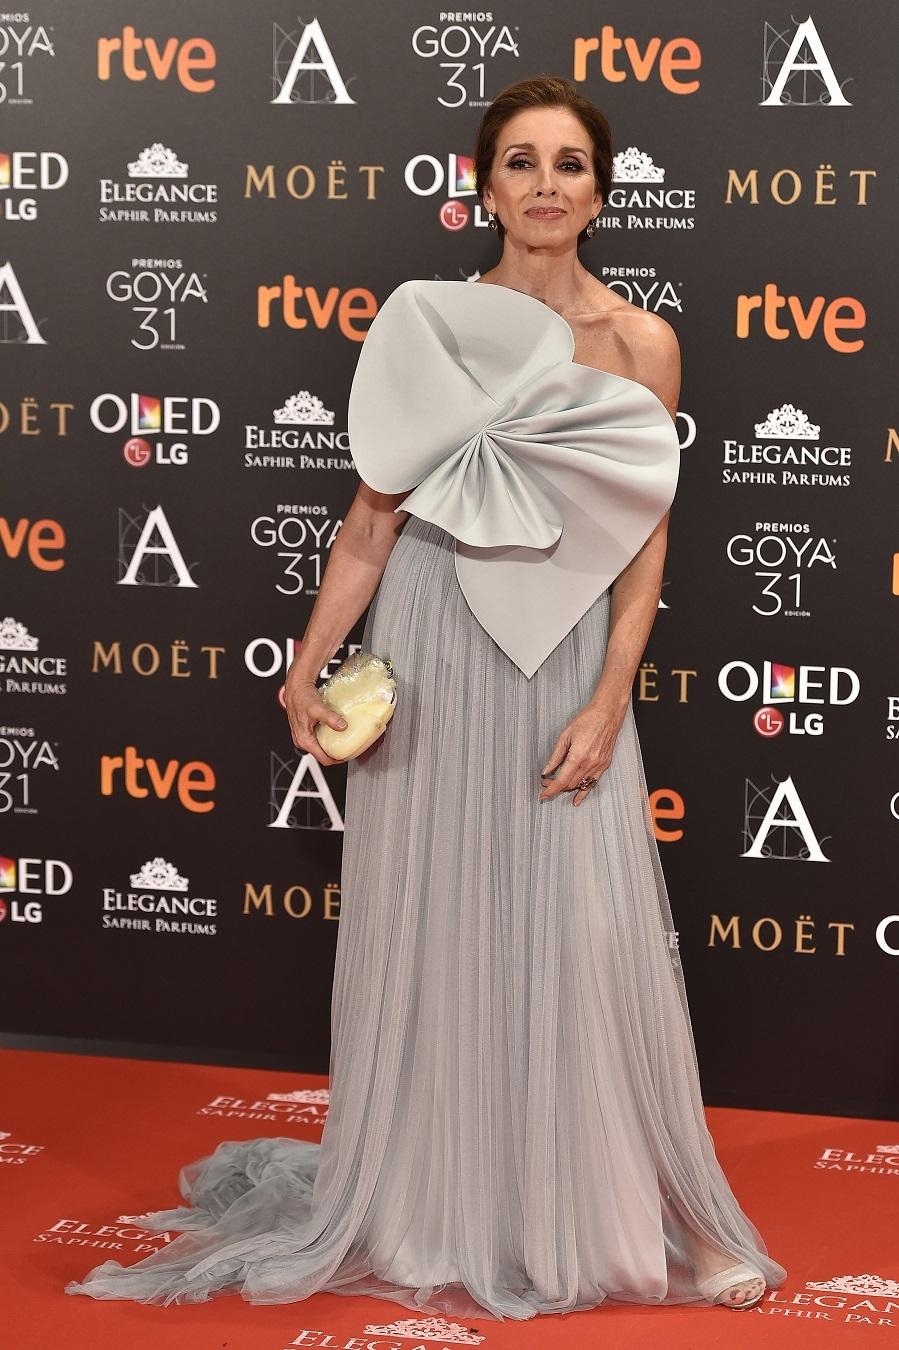 El vestido la convirtió en la más elegante de la edición de los...